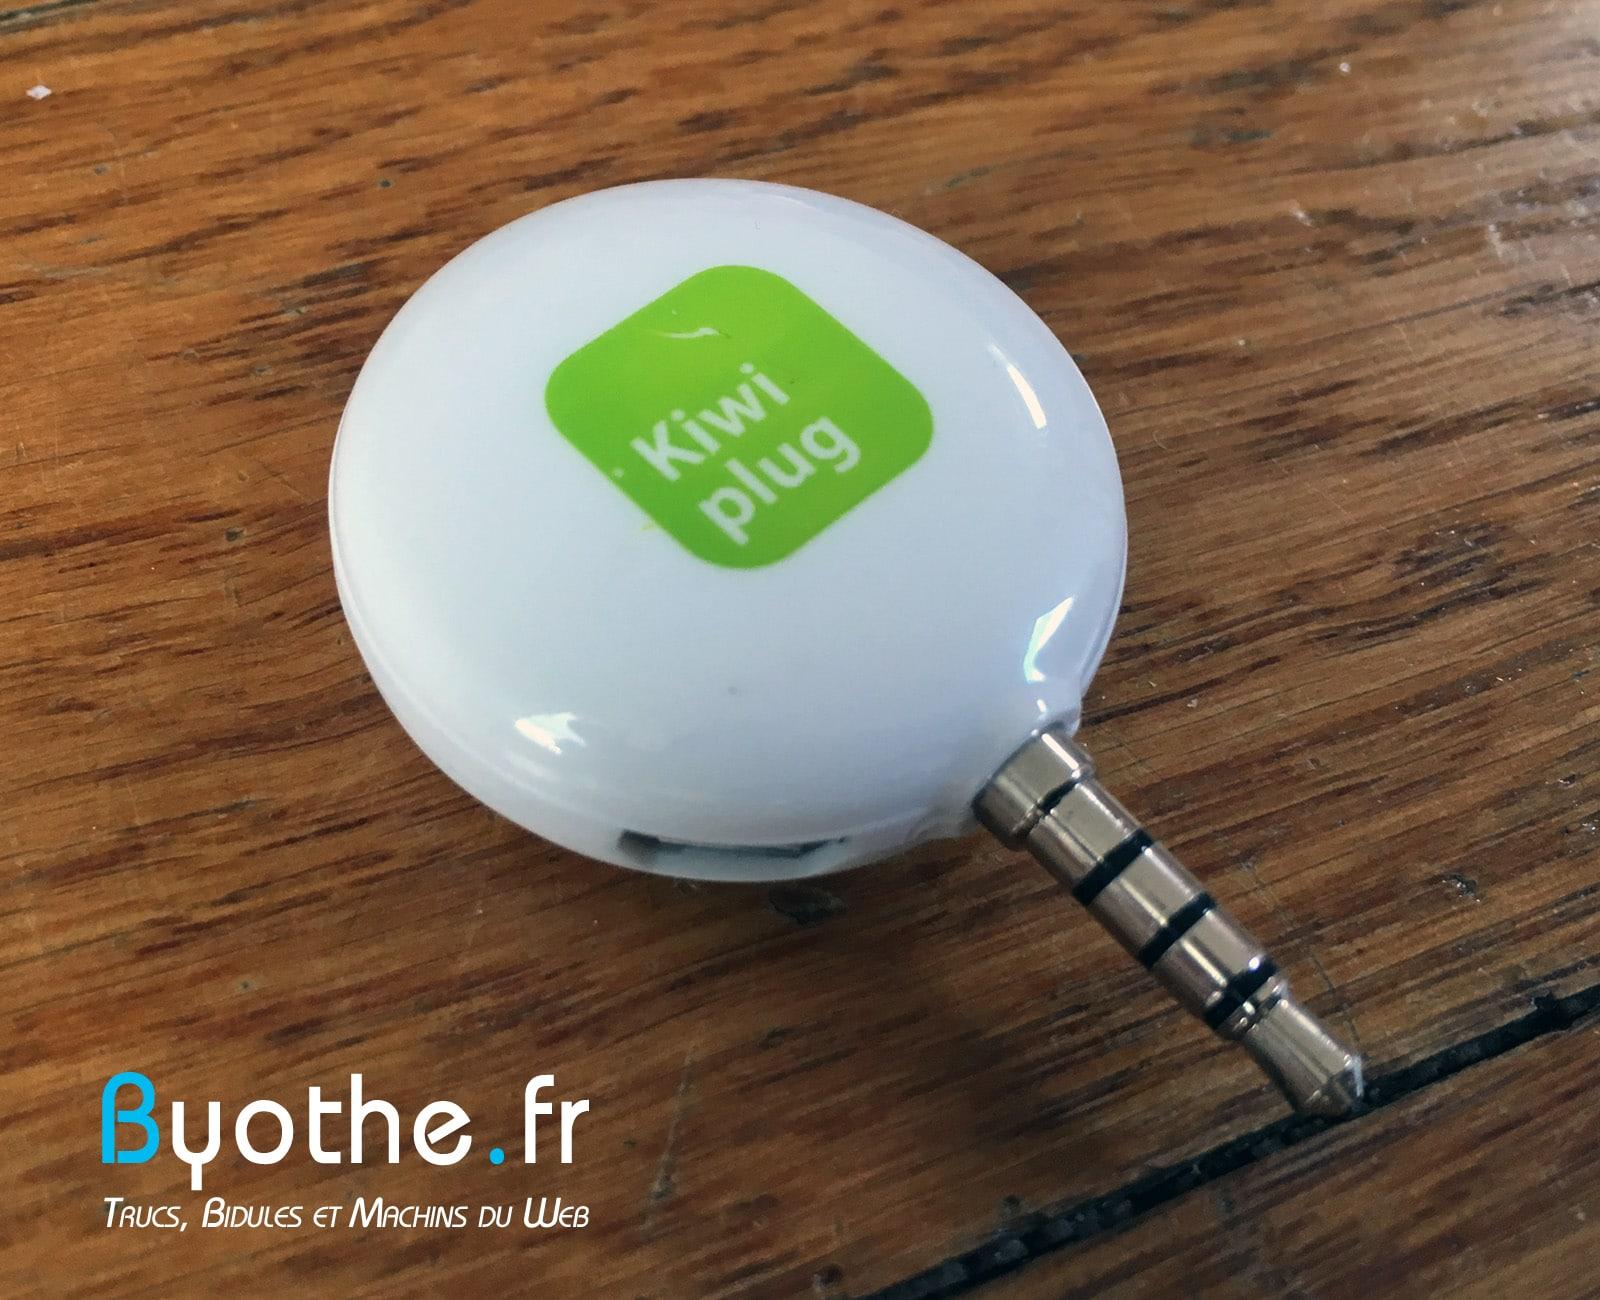 kiwi-plug Kiwi plug : transformez votre smartphone en télécommande universelle